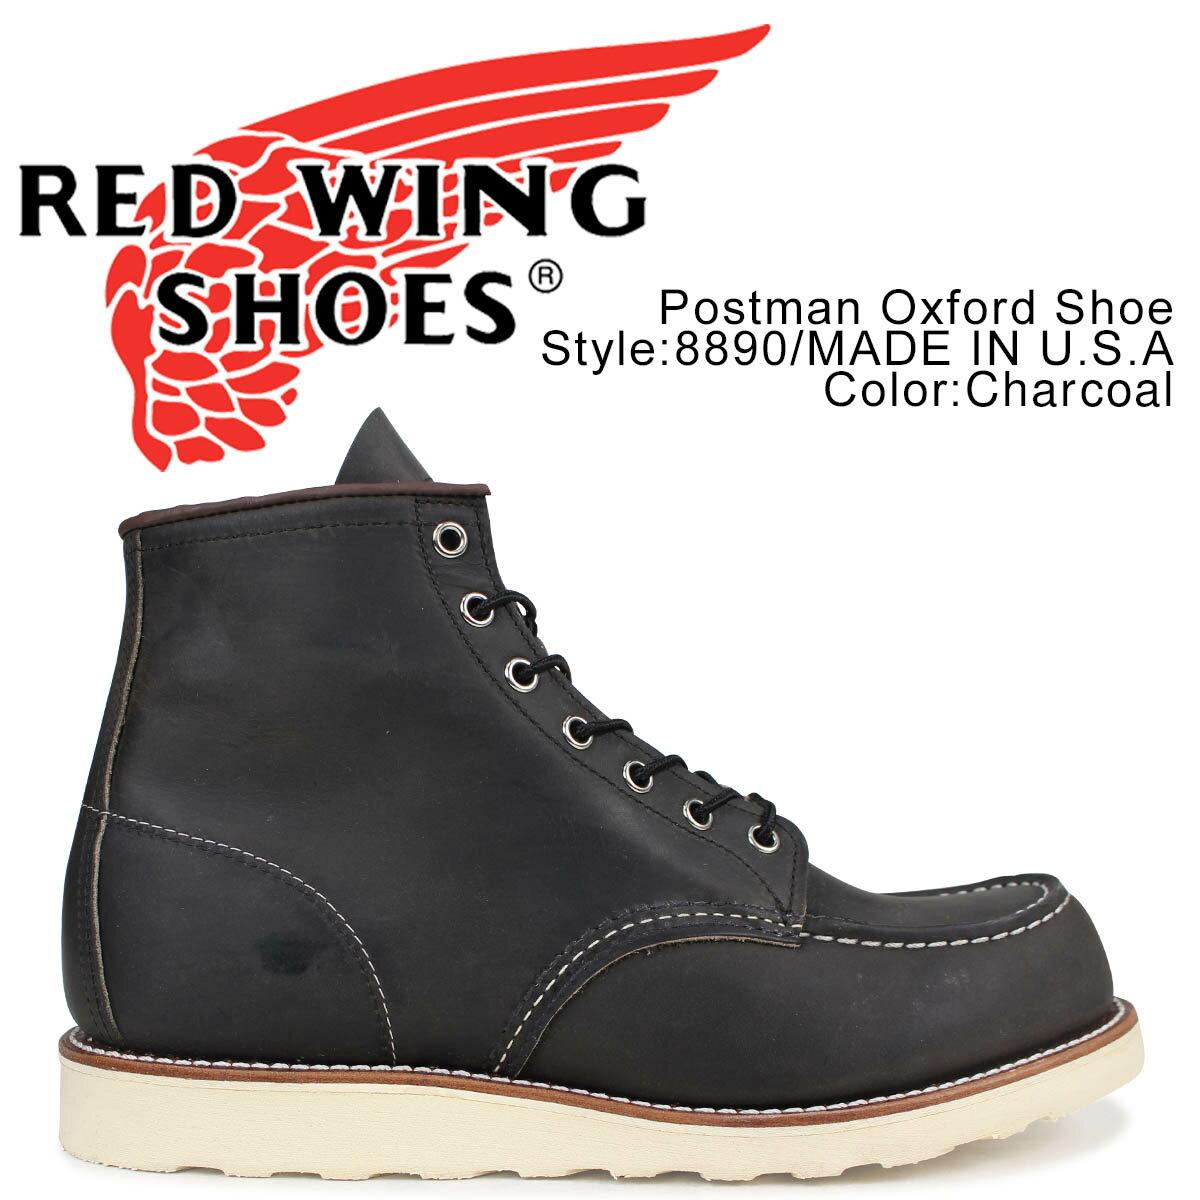 ブーツ, ワーク 1000OFF RED WING 6 6INCH CLASSIC MOC D 8890